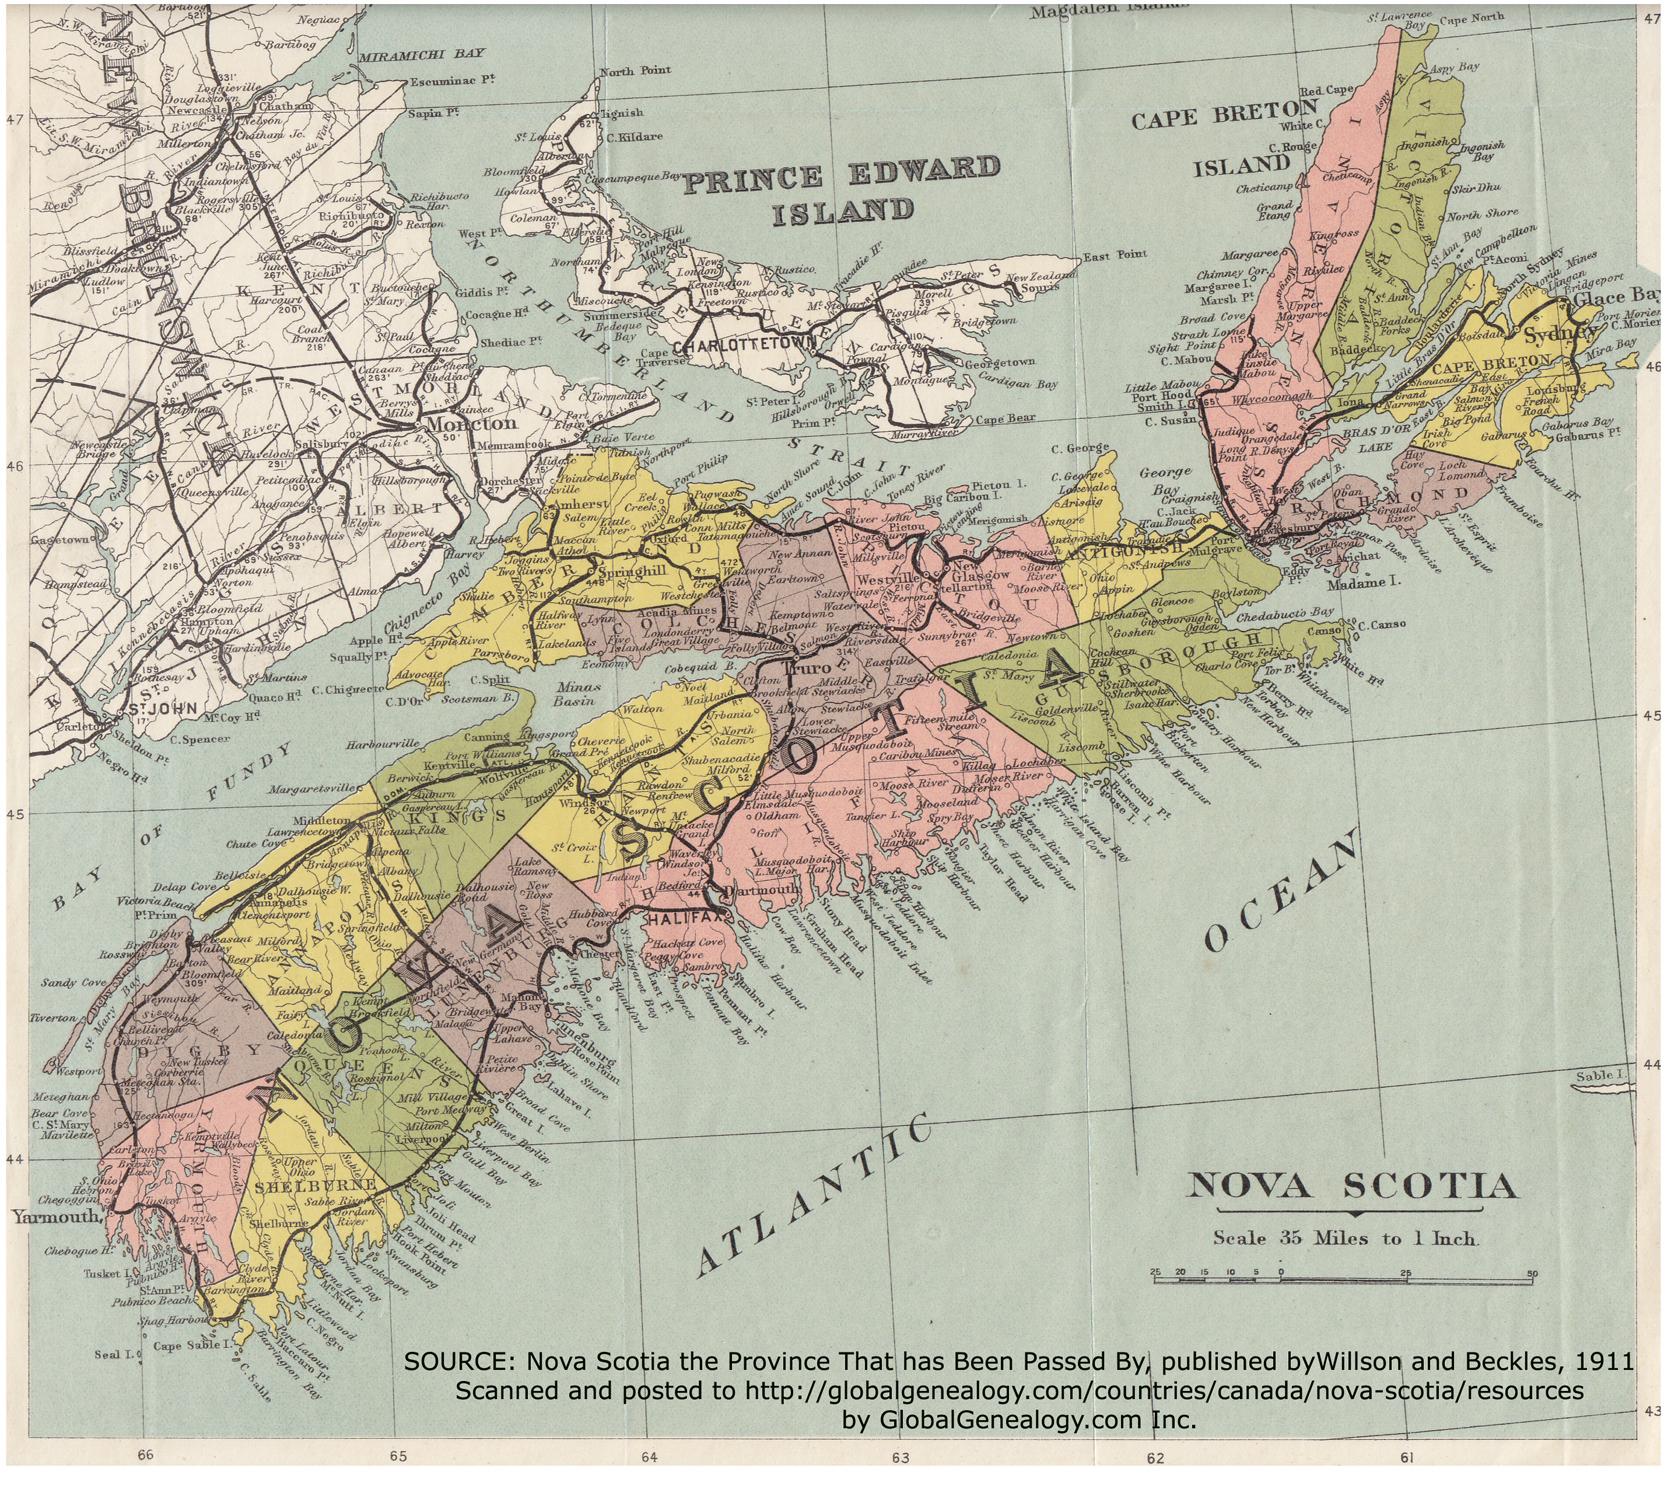 Map Of Canada Nova Scotia.Resources Nova Scotia Canada History And Genealogy Books